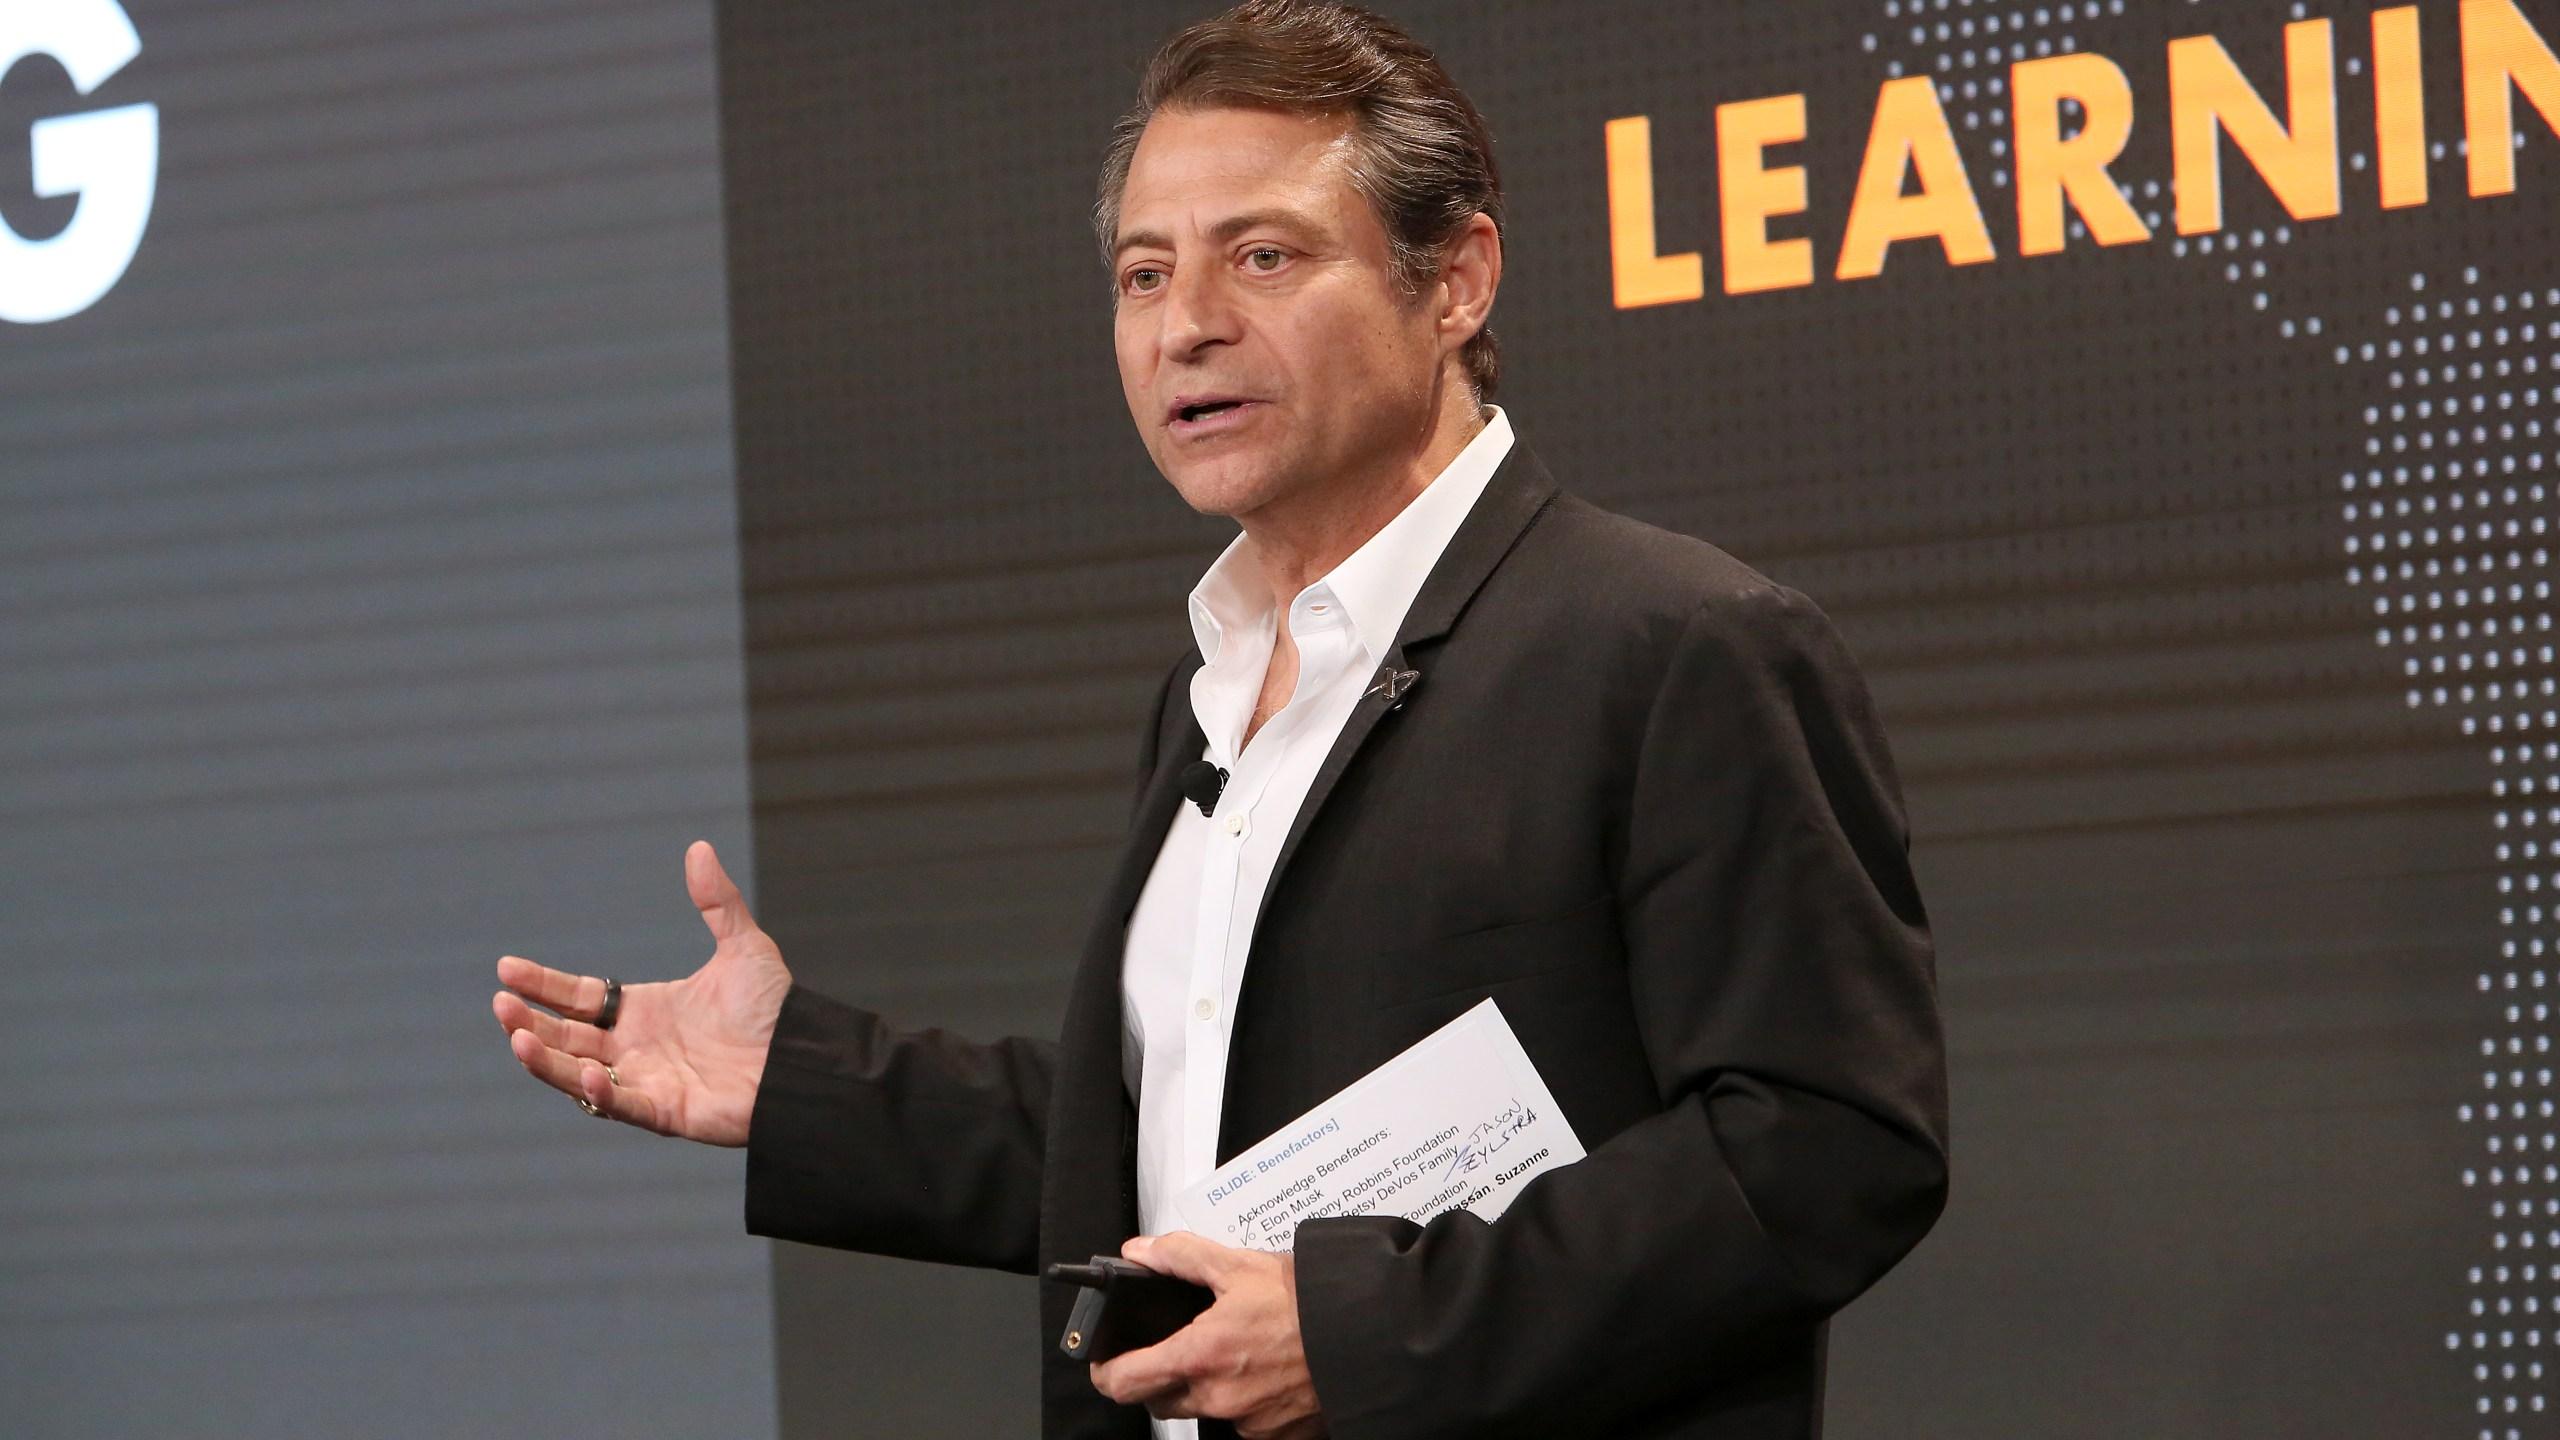 2019年5月15日,在加州普拉亚维斯塔,XPRIZE创始人兼执行主席Peter Diamandis出席在谷歌普拉亚维斯塔办公室举行的全球学习XPRIZE基金会大奖颁奖典礼。(Jesse Grant/Getty Images for Global Learning XPRIZE)(photo:KTLA)